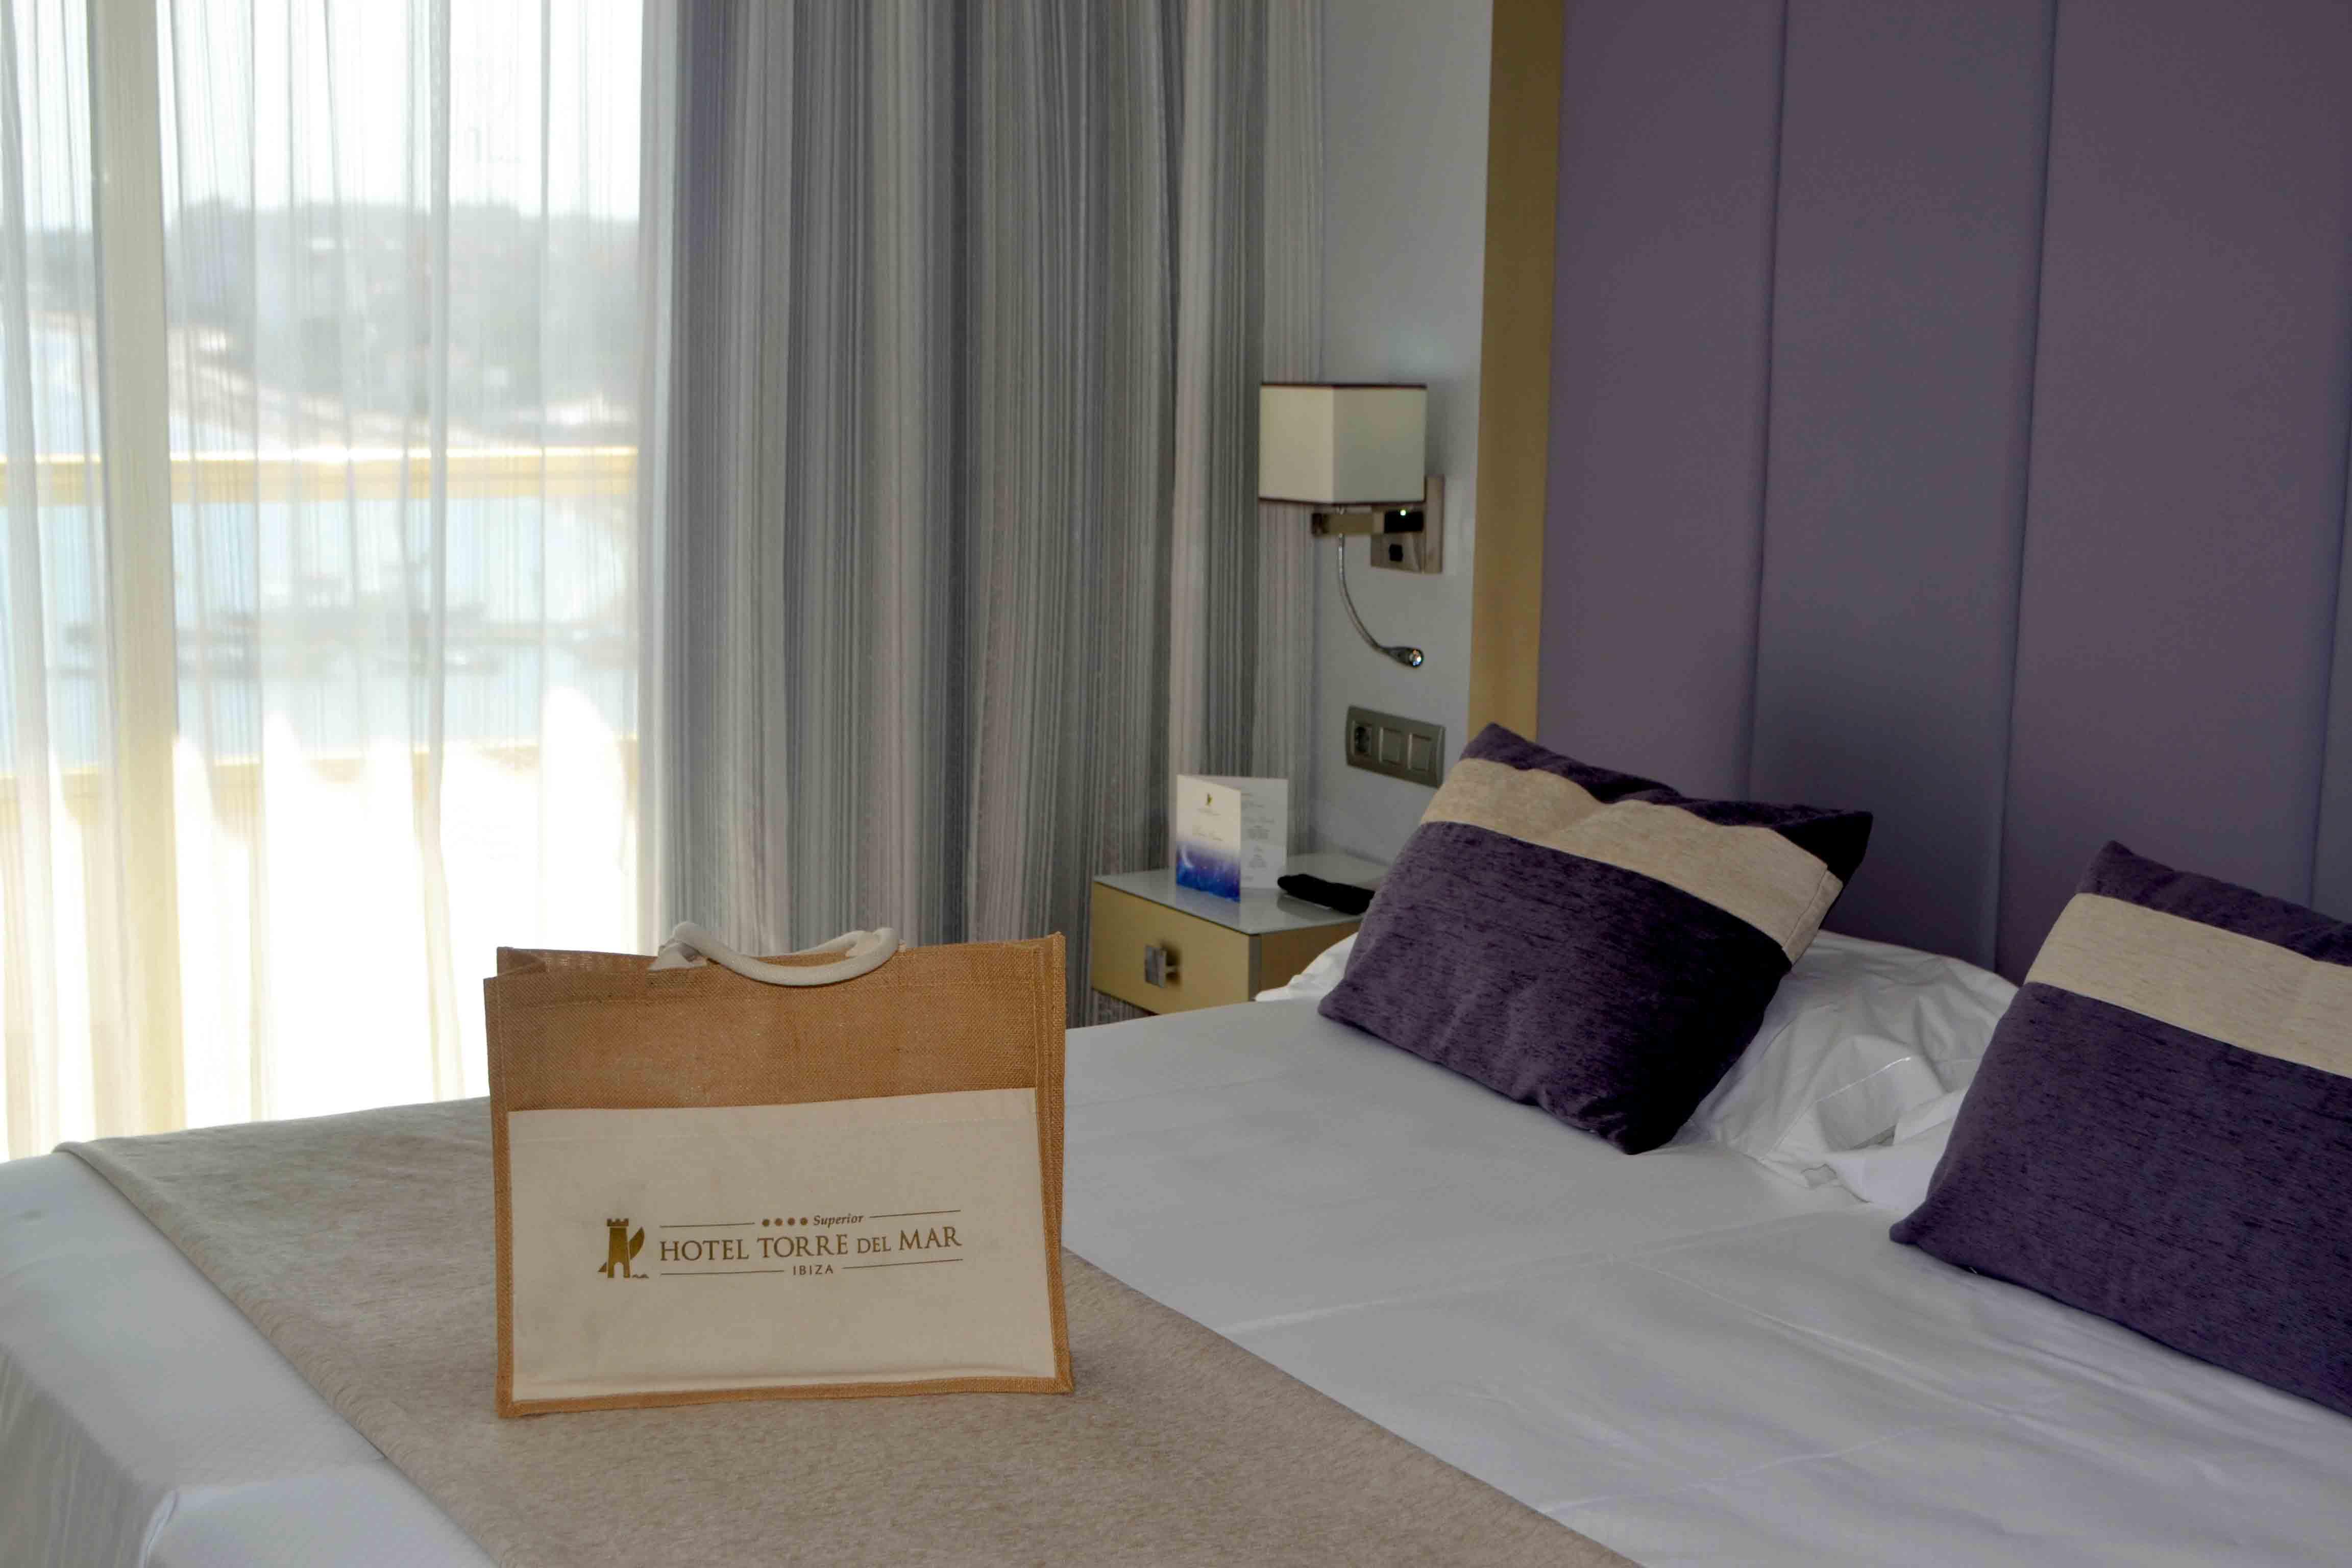 Detalle de bienvenida en las suites de lujo hotel Torre del Mar